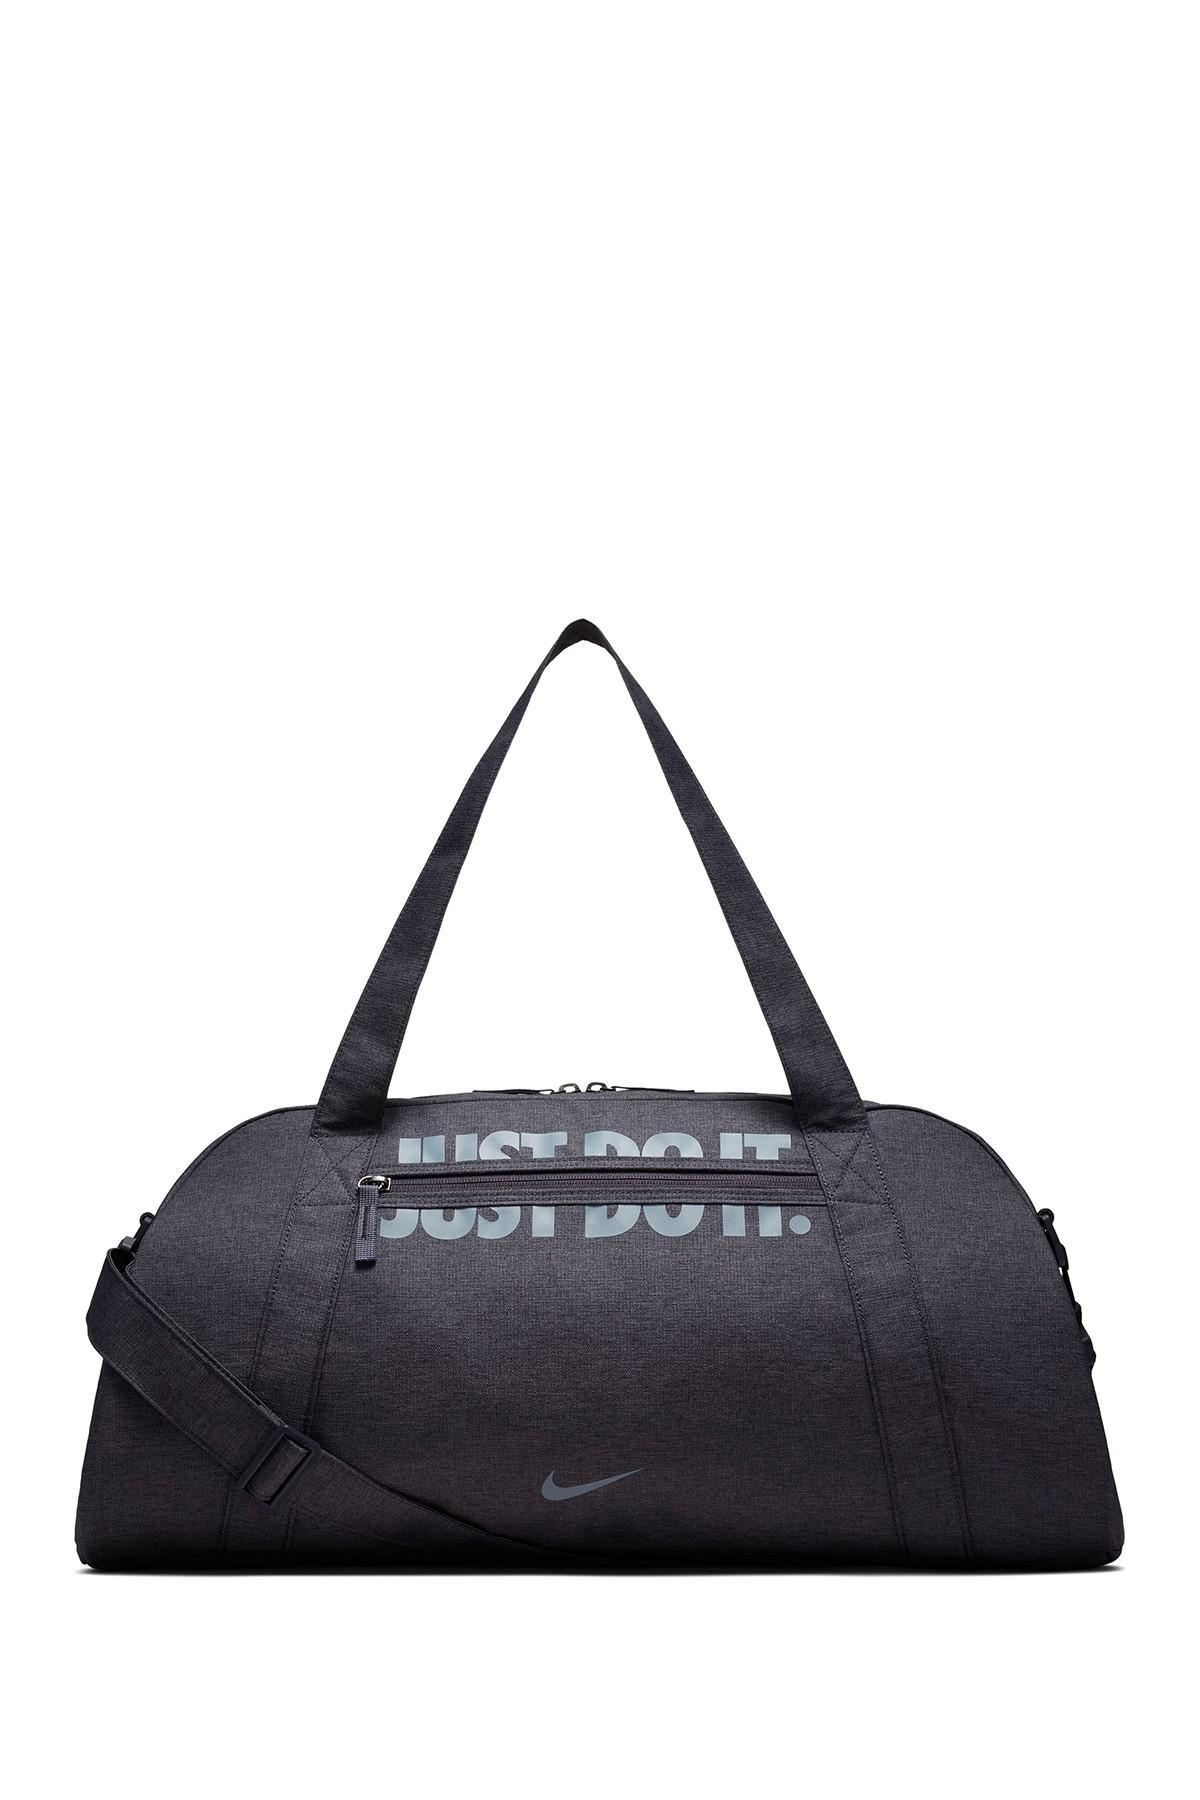 72b8a7a3c7 Lyst - Nike Gym Club Duffel Bag